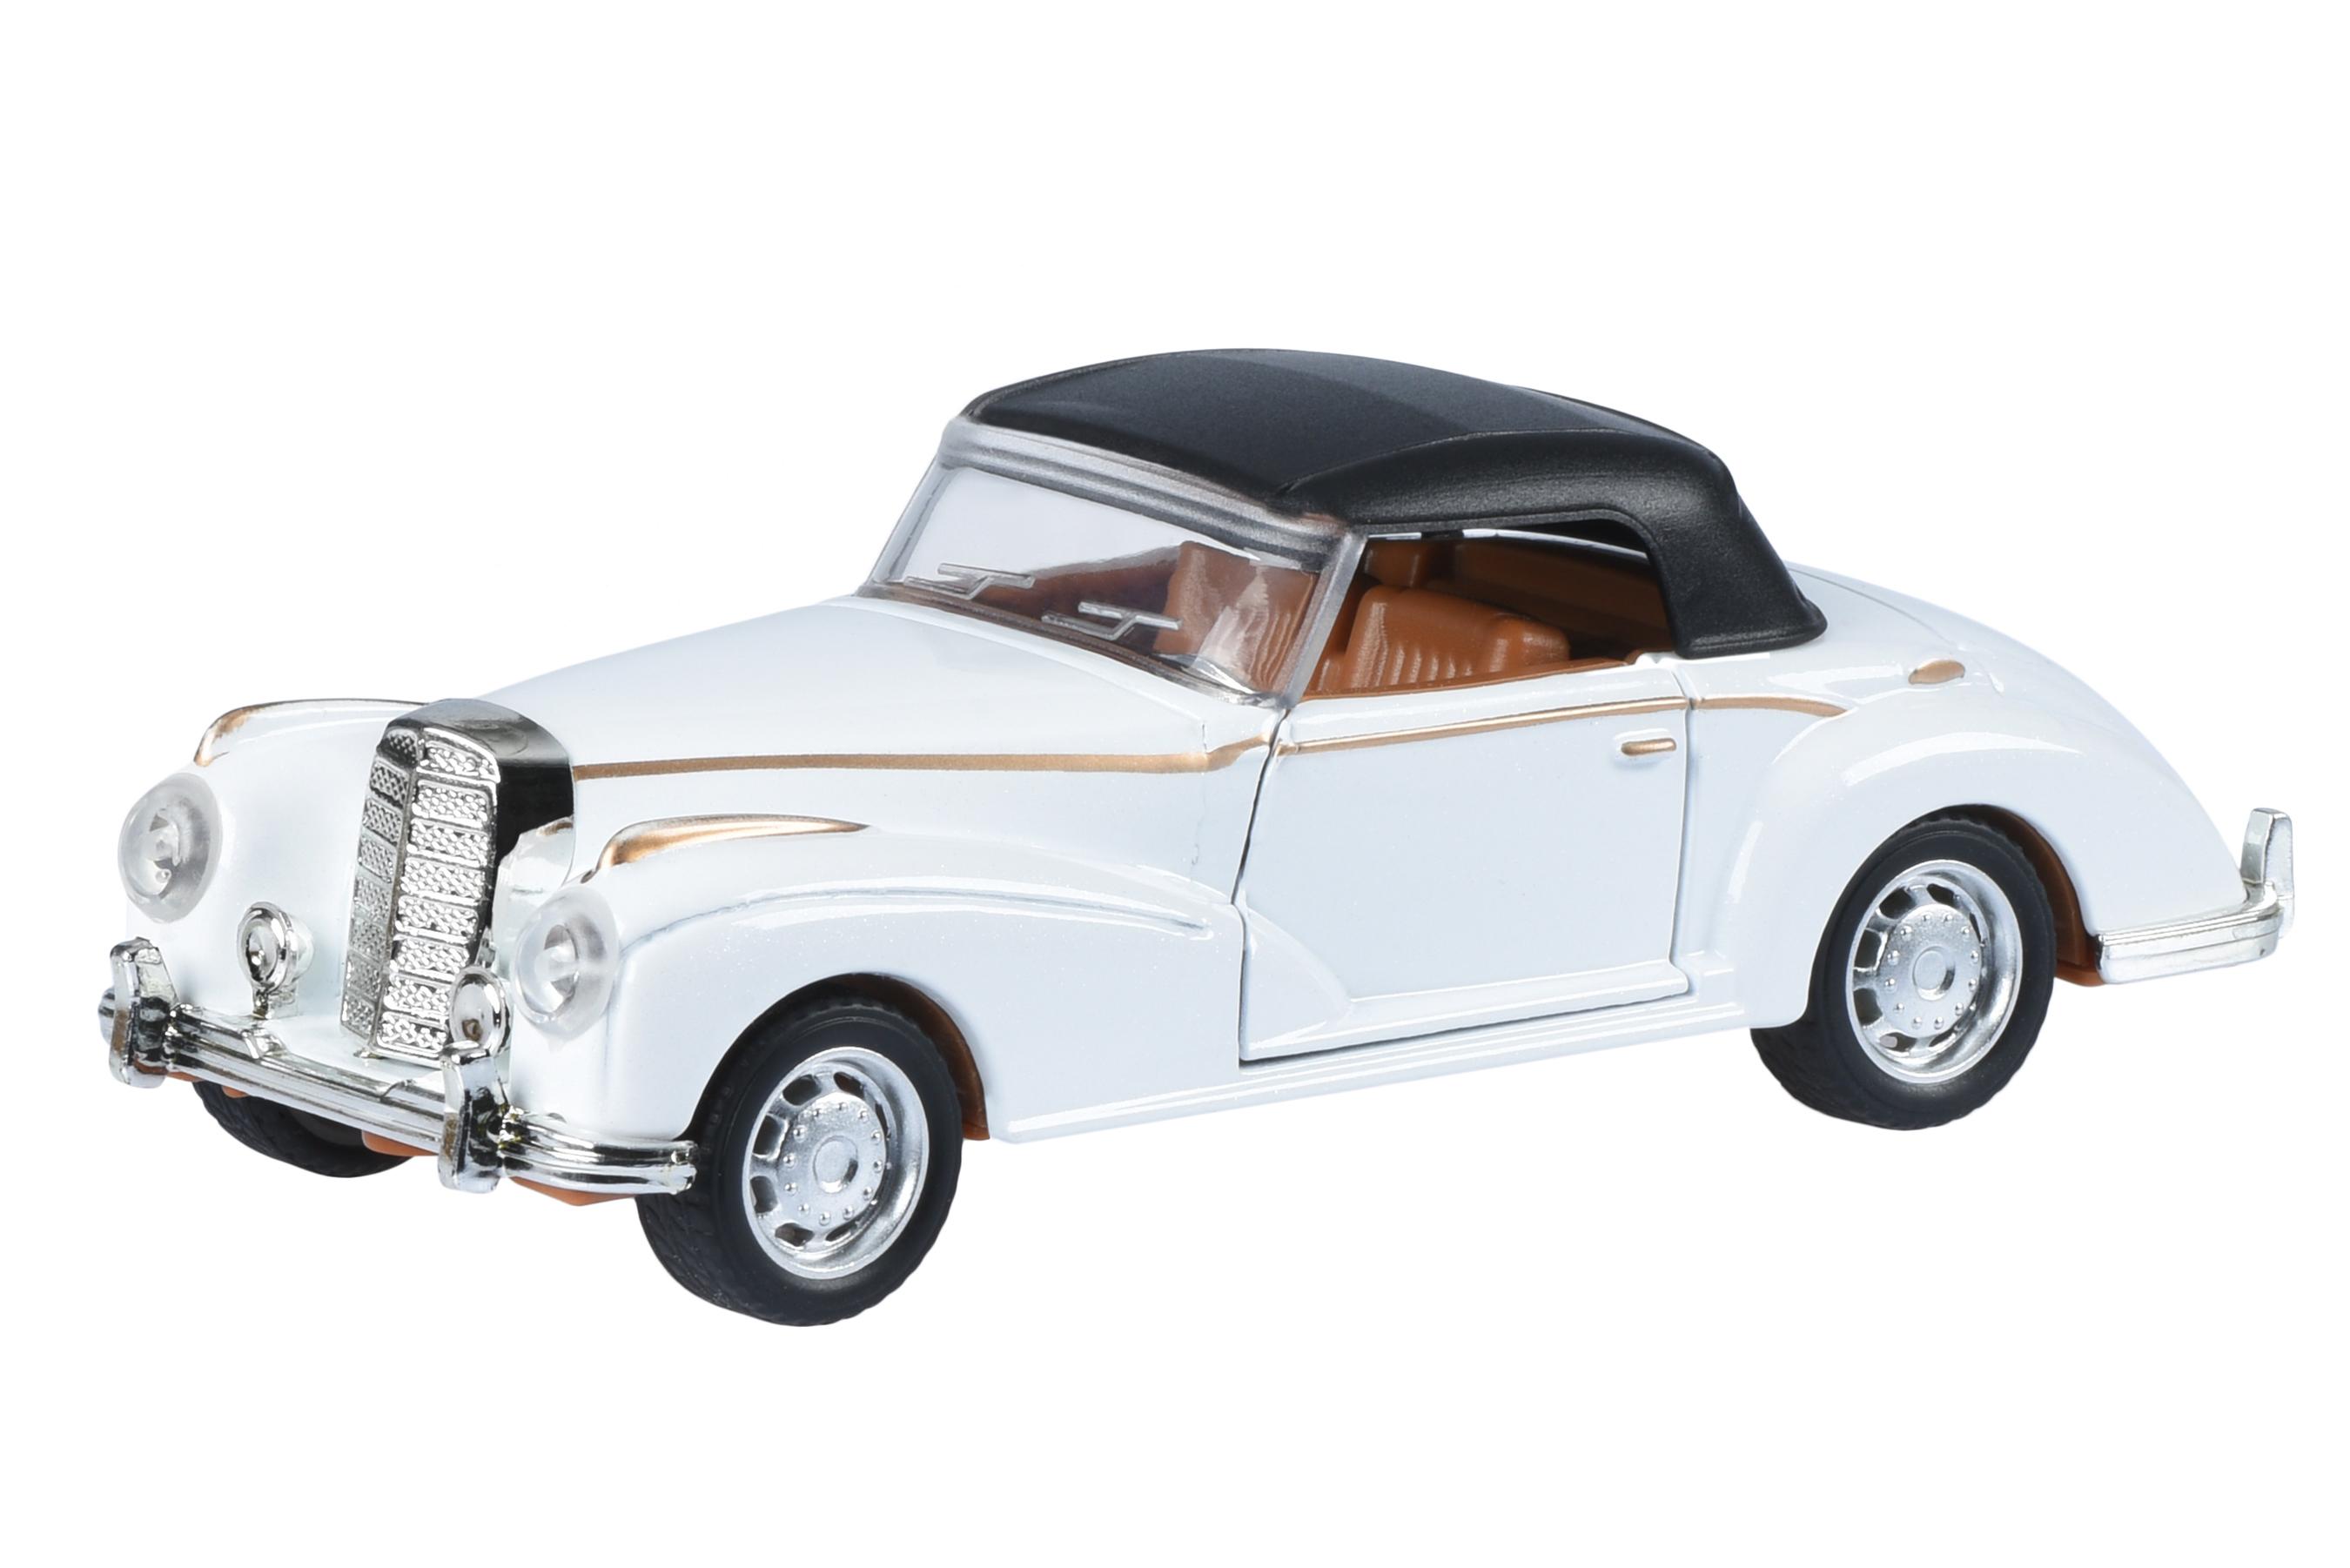 Same Toy Автомобиль Vintage Car (белый закрытый кабриолет)